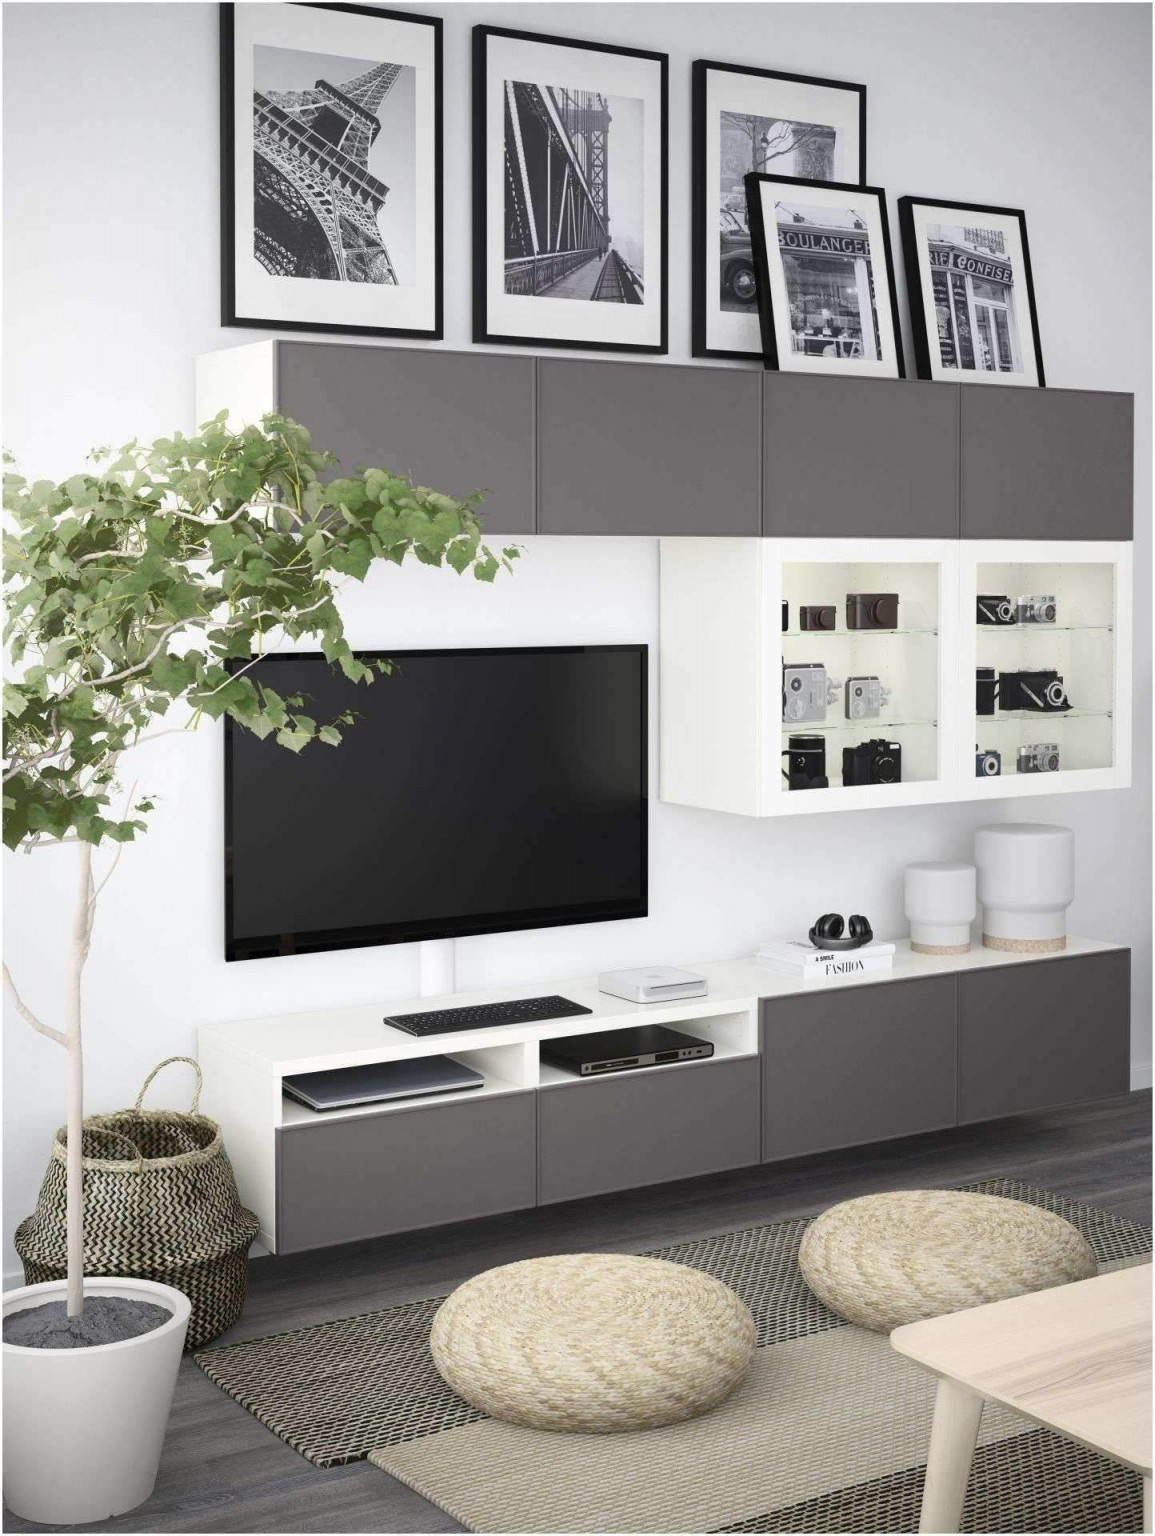 35 Genial Kleines Wohnzimmer Einrichten Ikea Luxus von Wohnzimmer Einrichten Bilder Photo